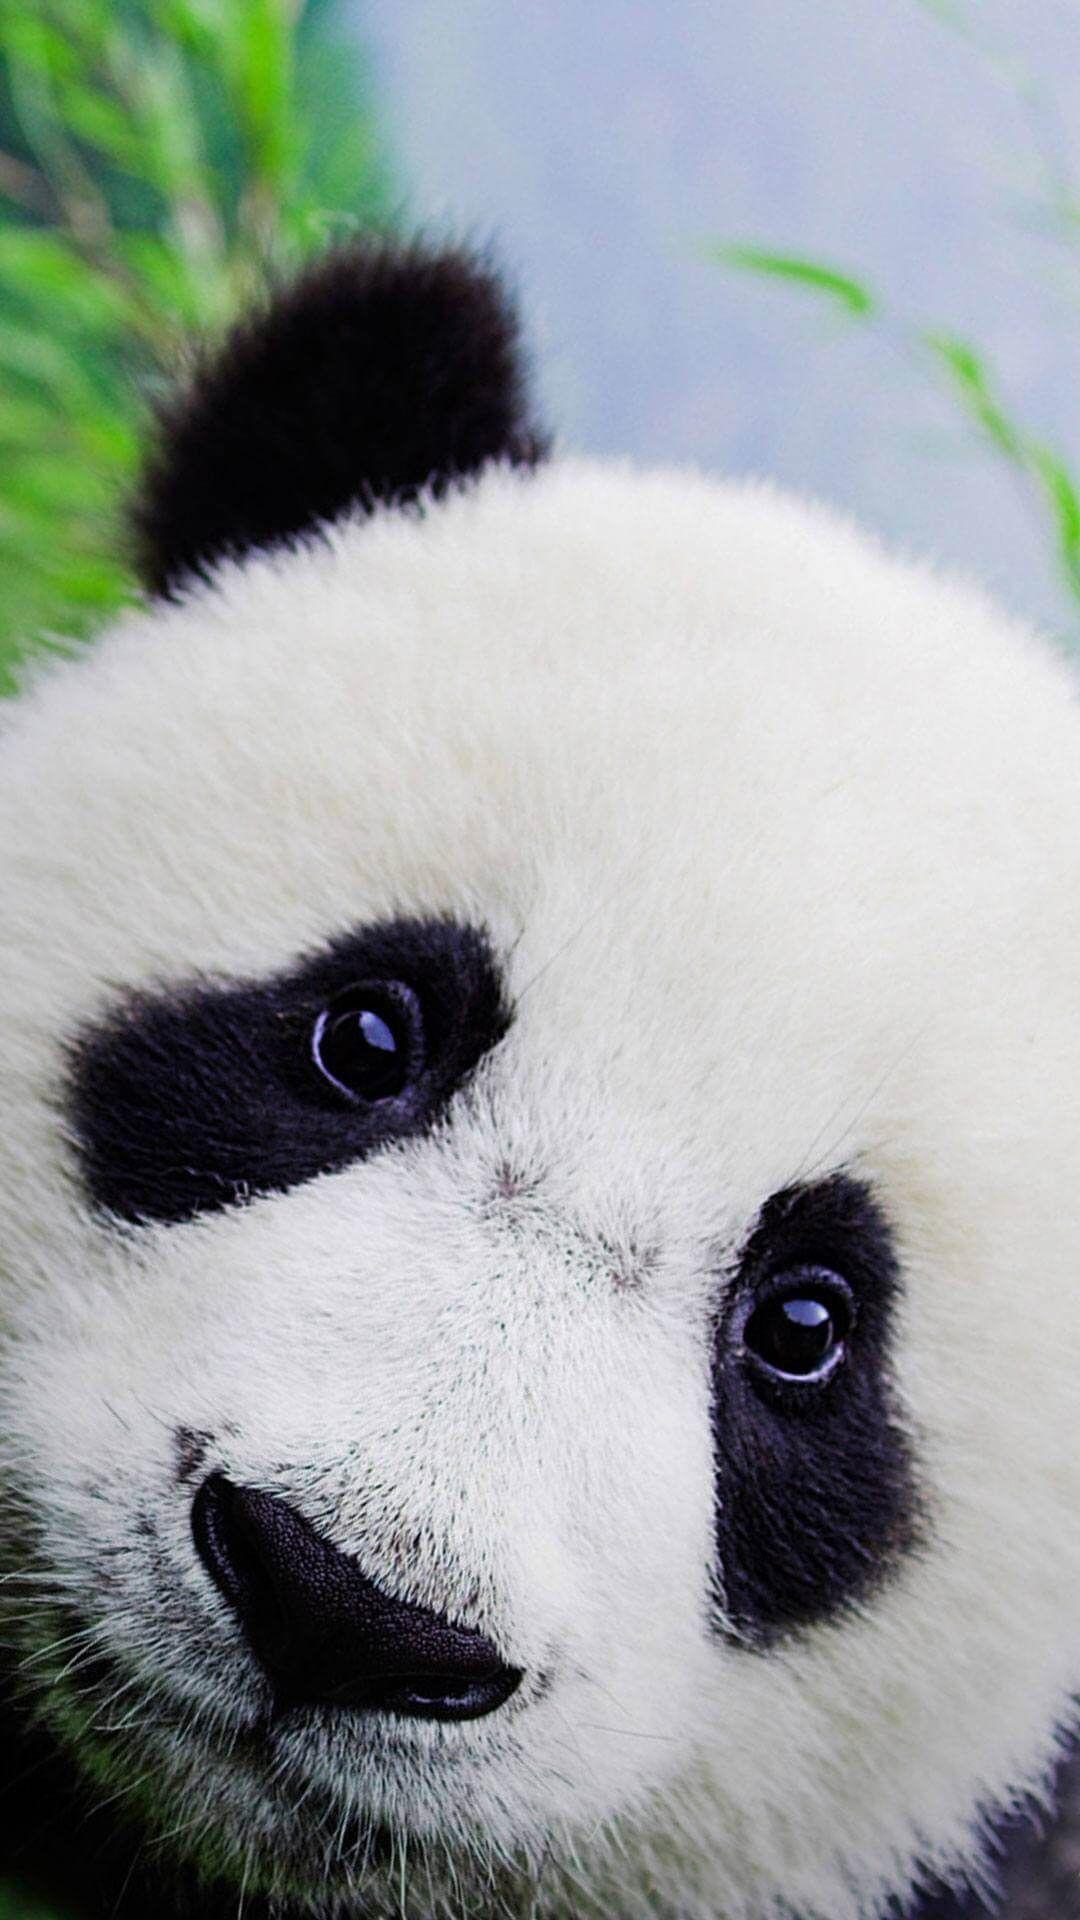 Cute Baby Panda Wallpaper For iPhone HD Panda wallpapers